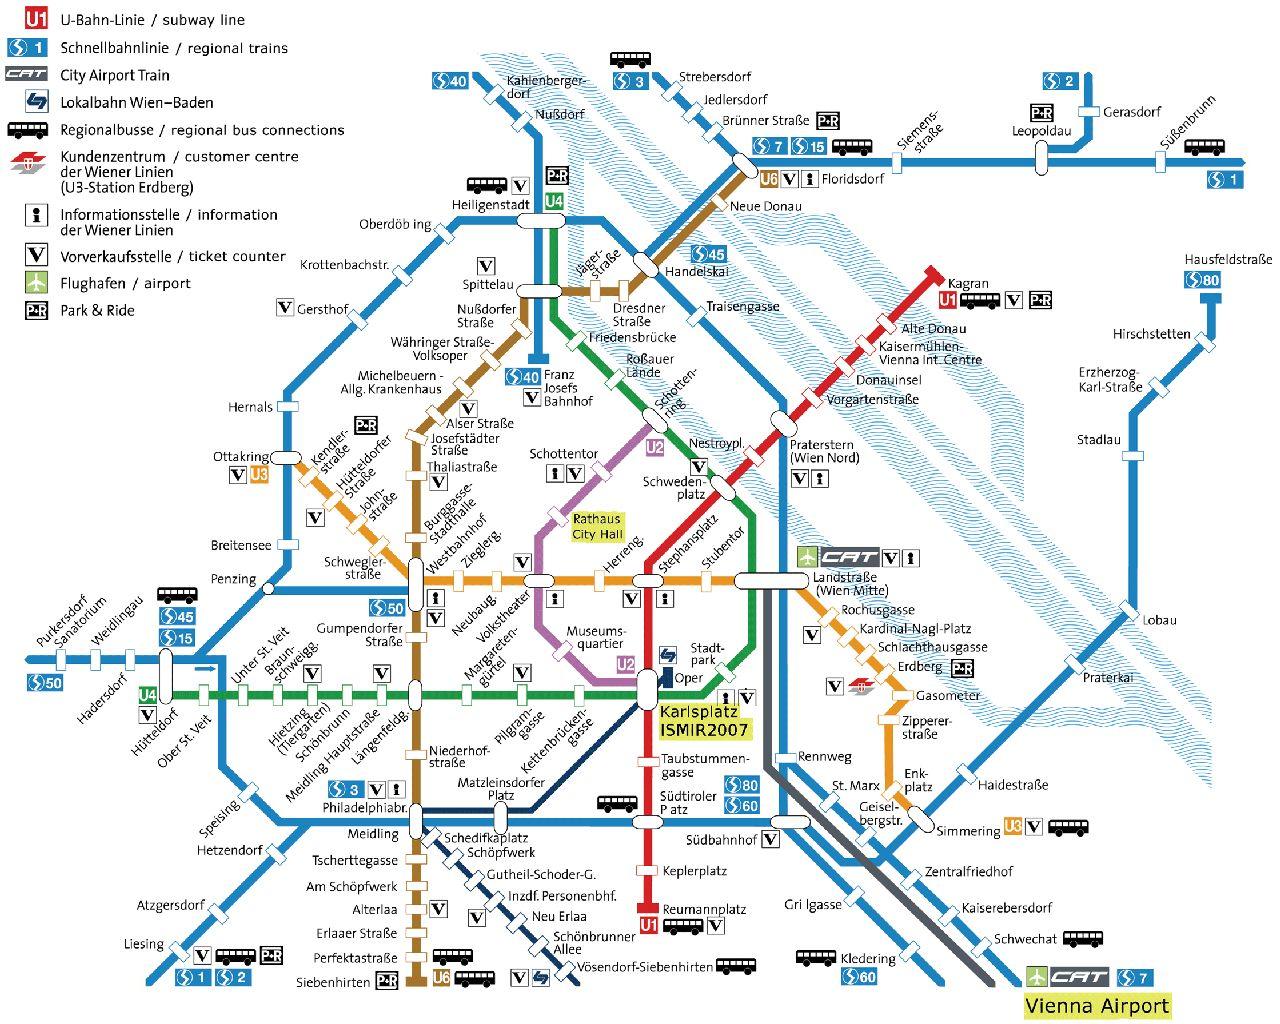 Reteaua de transport feroviar - Viena